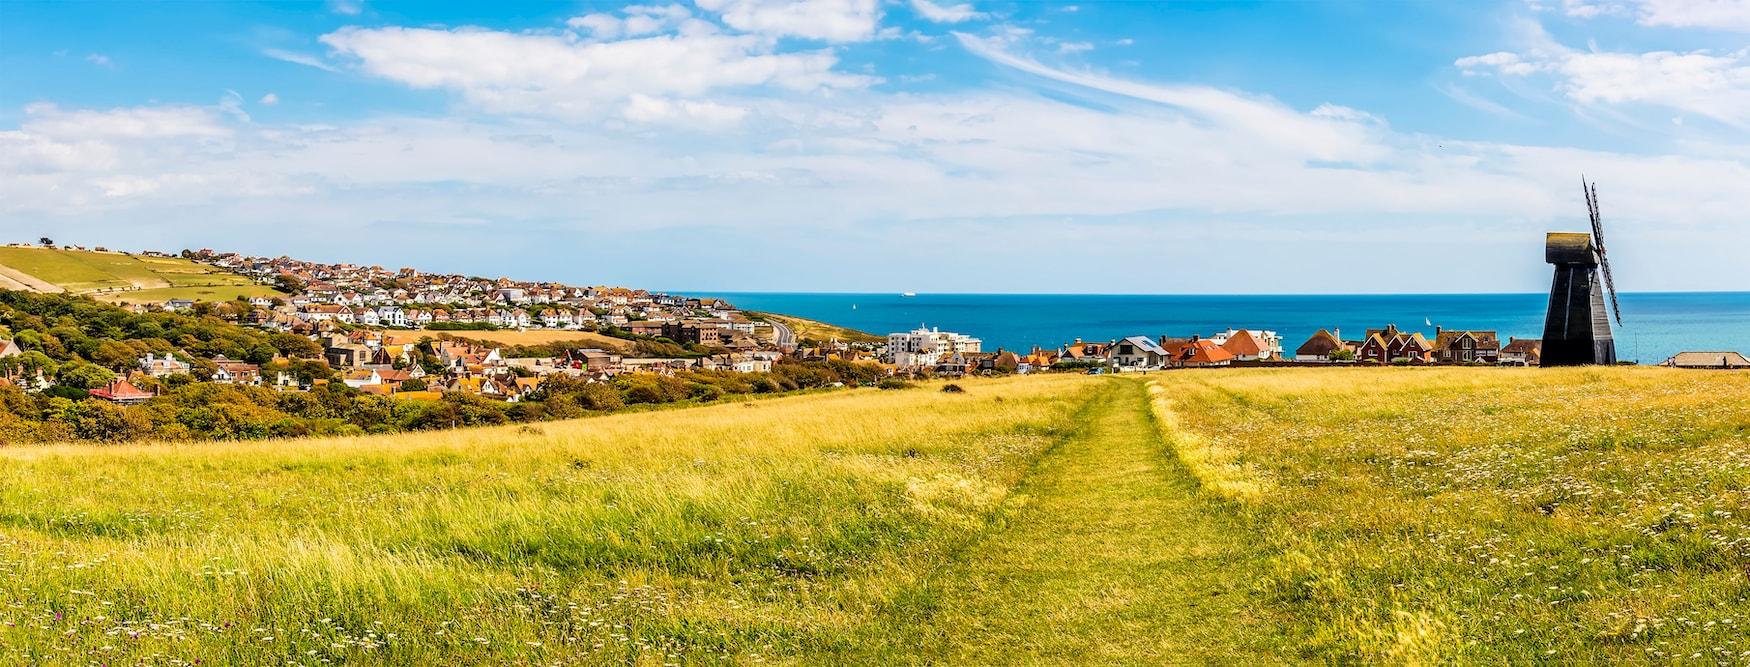 Panoramasicht auf den Ort Rottingdean an der Küste in Brighton